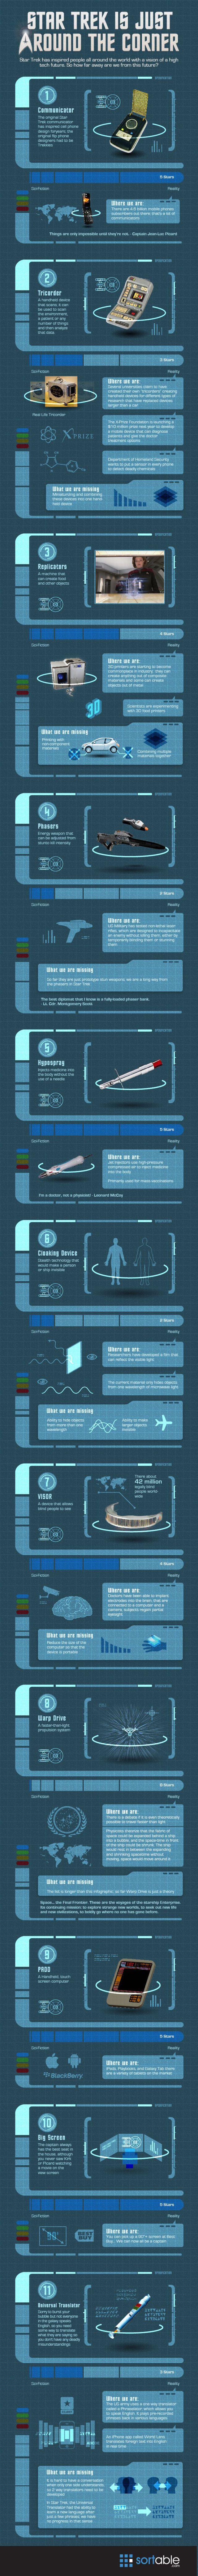 Interesting Star Trek Infographic